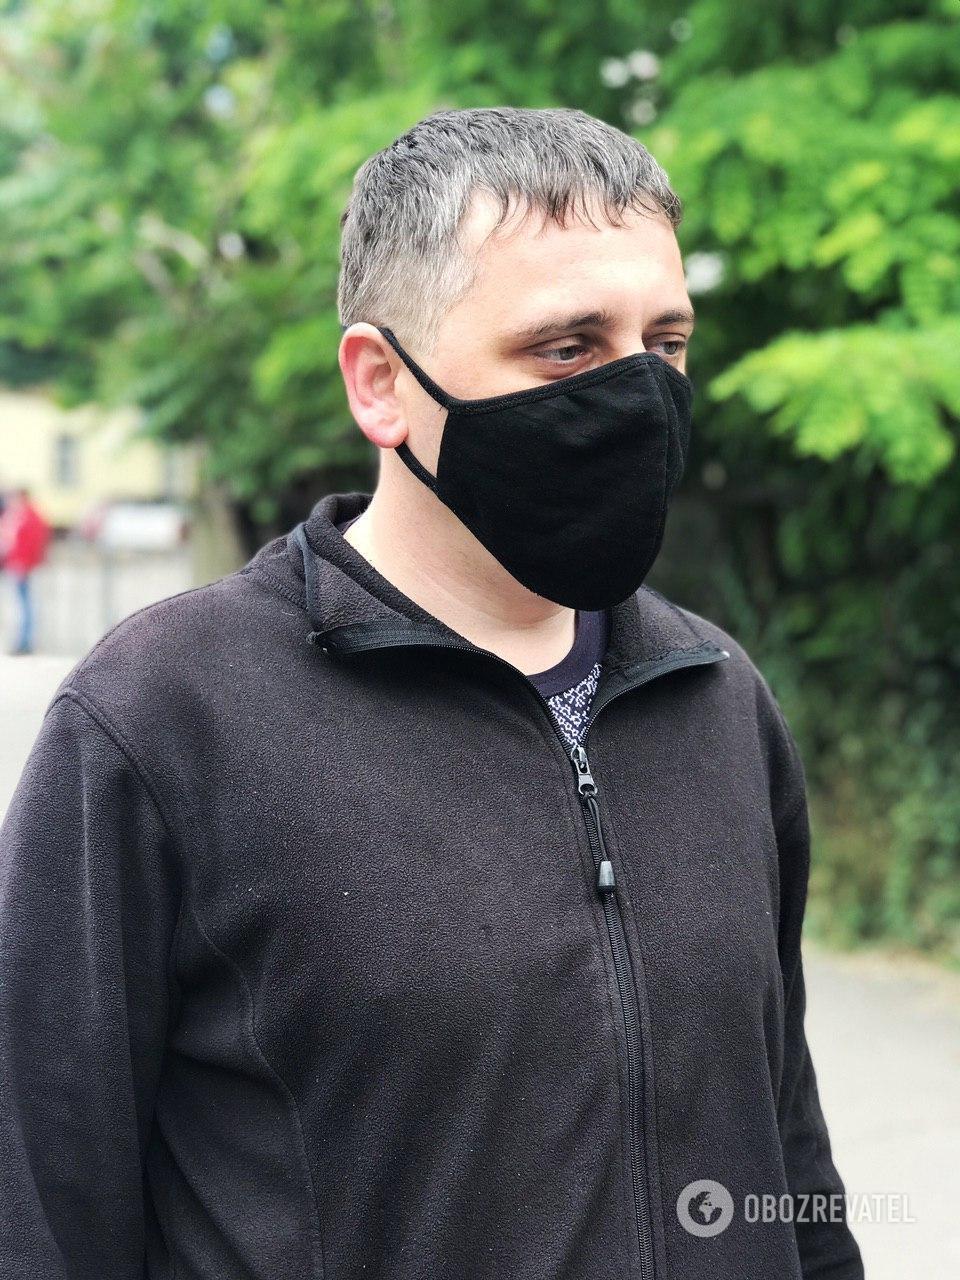 Заведующий сектором контроля Иван Васючков